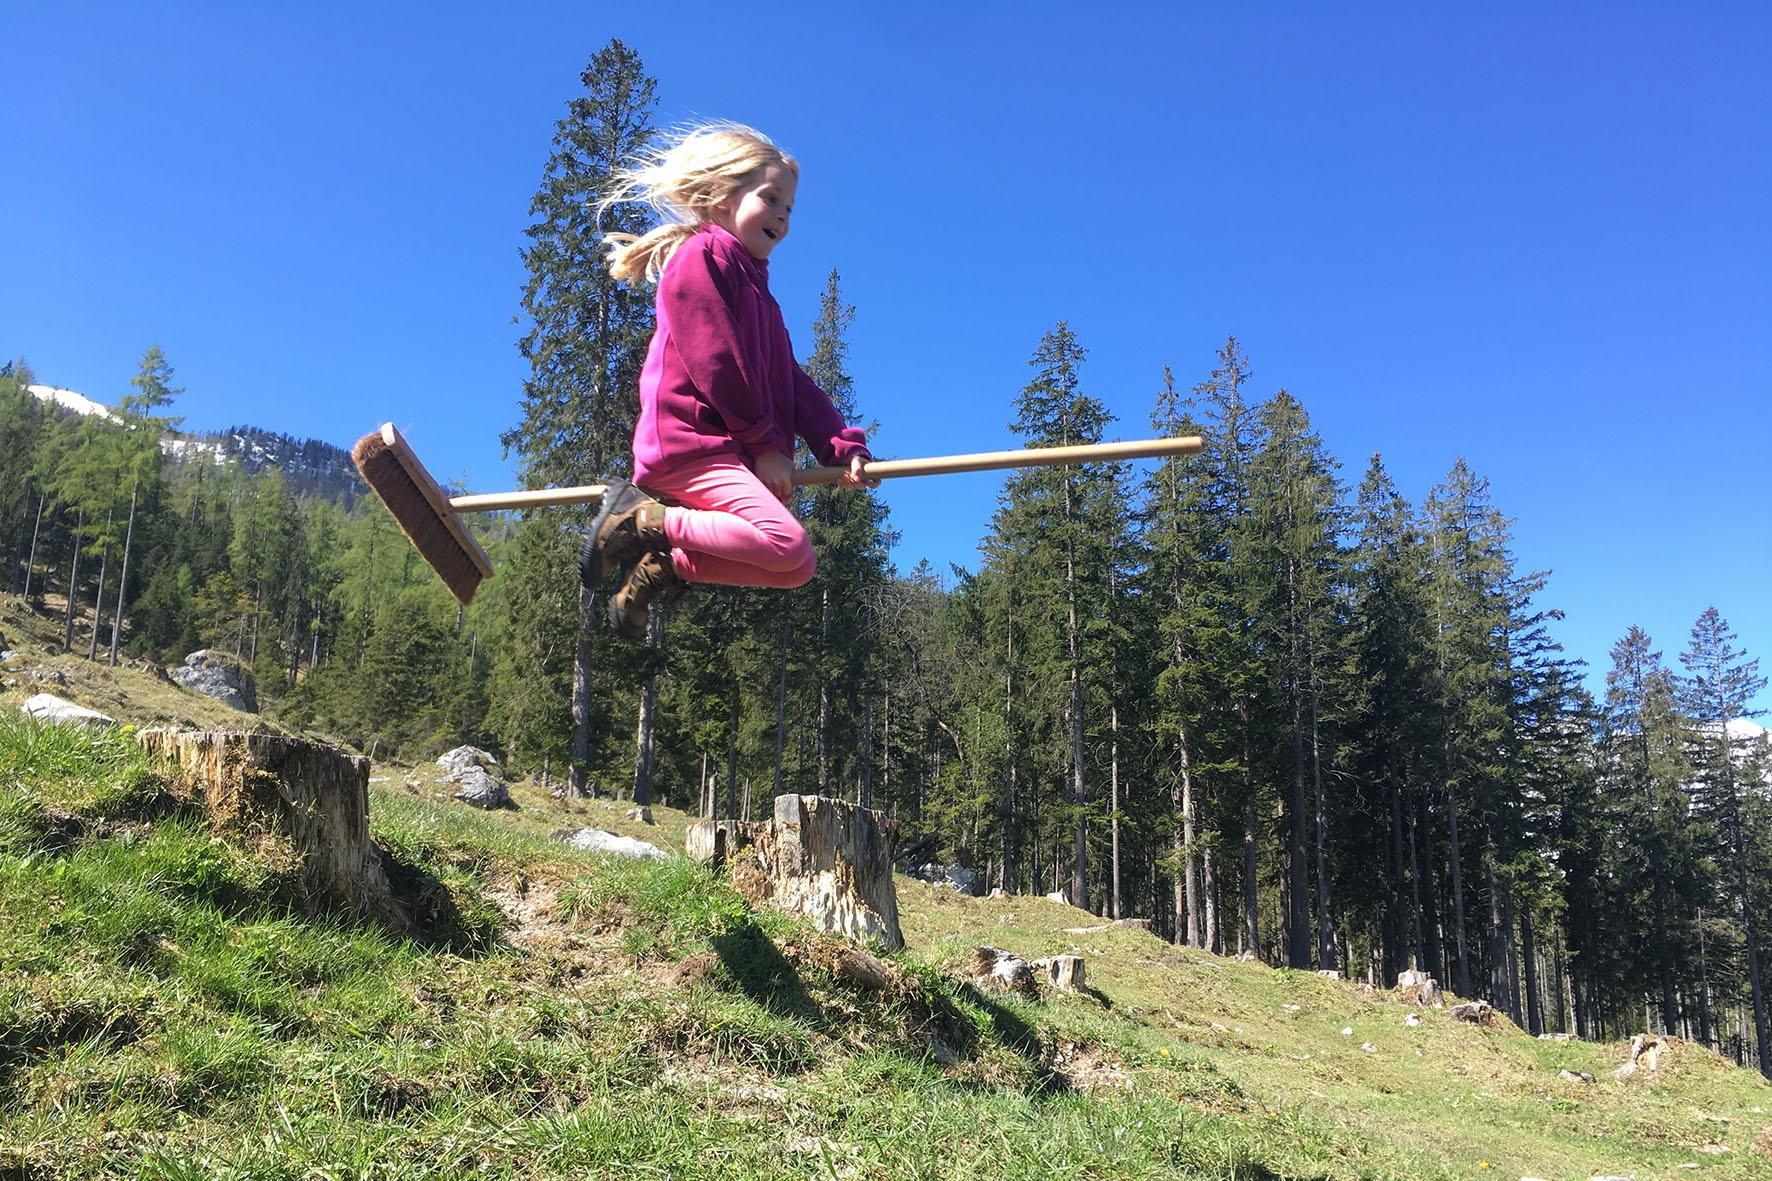 Pressebild: Am Mittwoch, den 4. August, startet das kostenfreie Ferienprogramm des Nationalparks Berchtesgaden. Anmeldungen sind ab sofort m��glich.